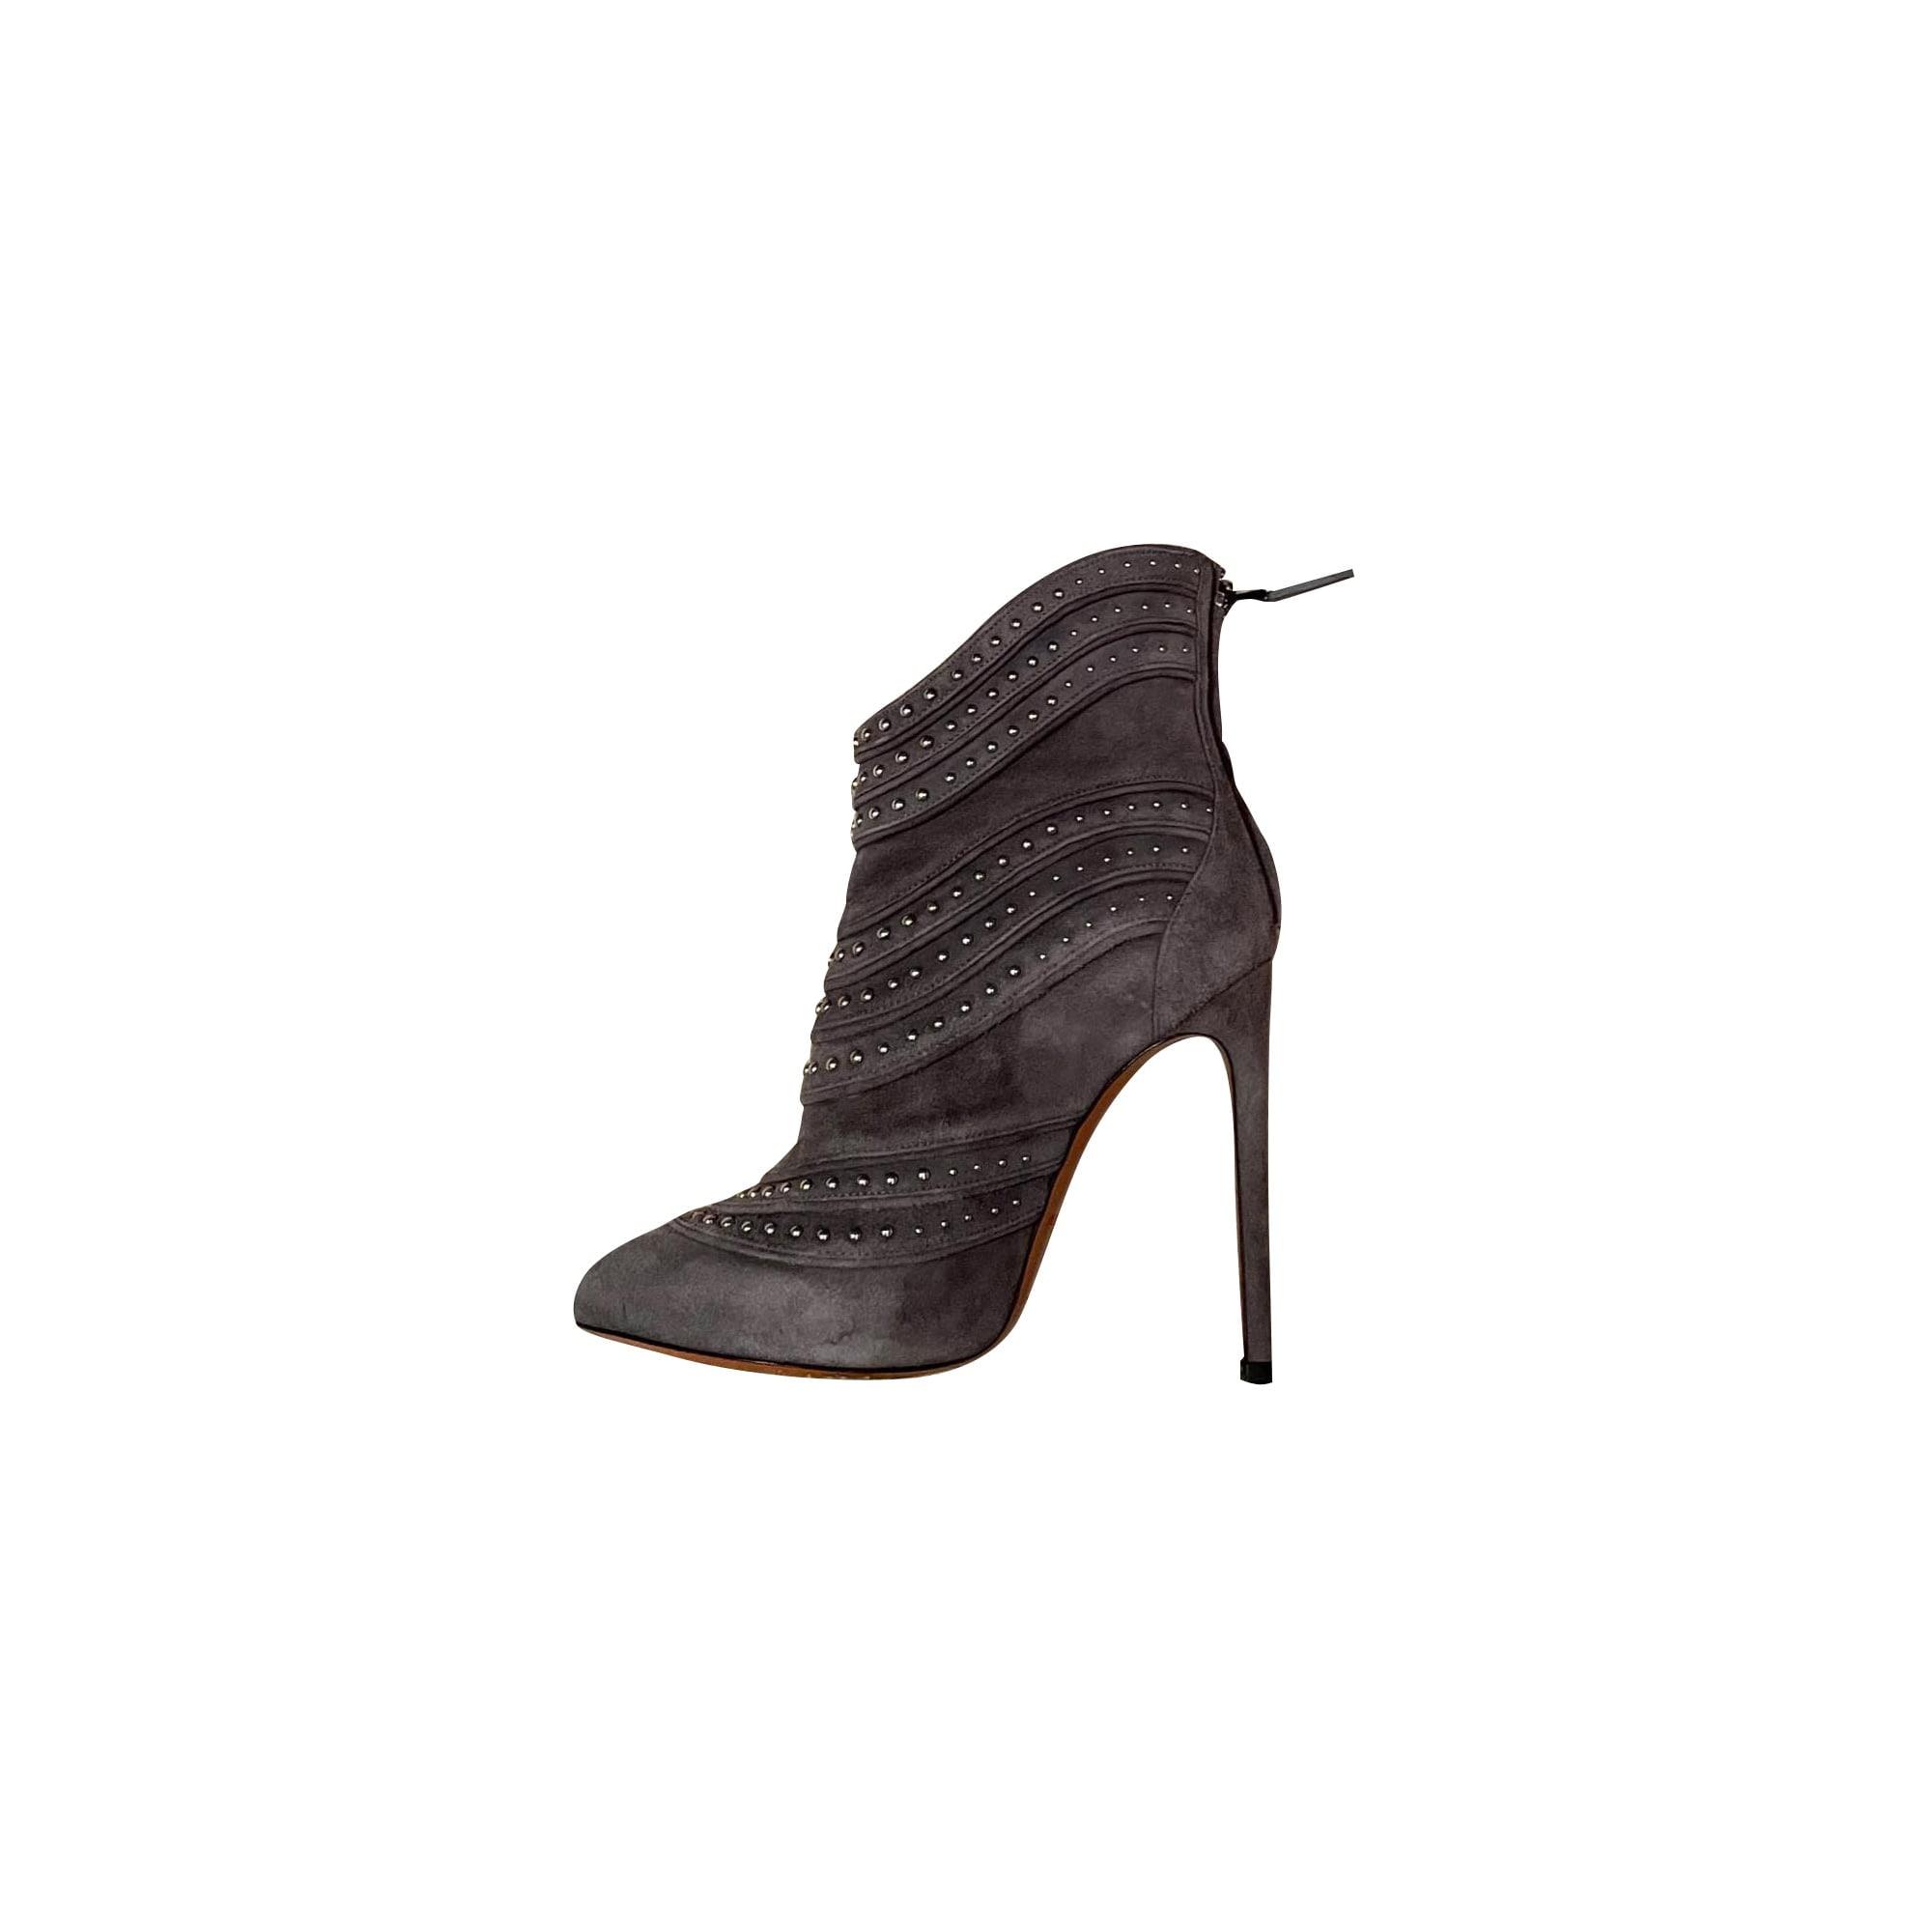 Bottines & low boots à talons ALAÏA Gris, anthracite